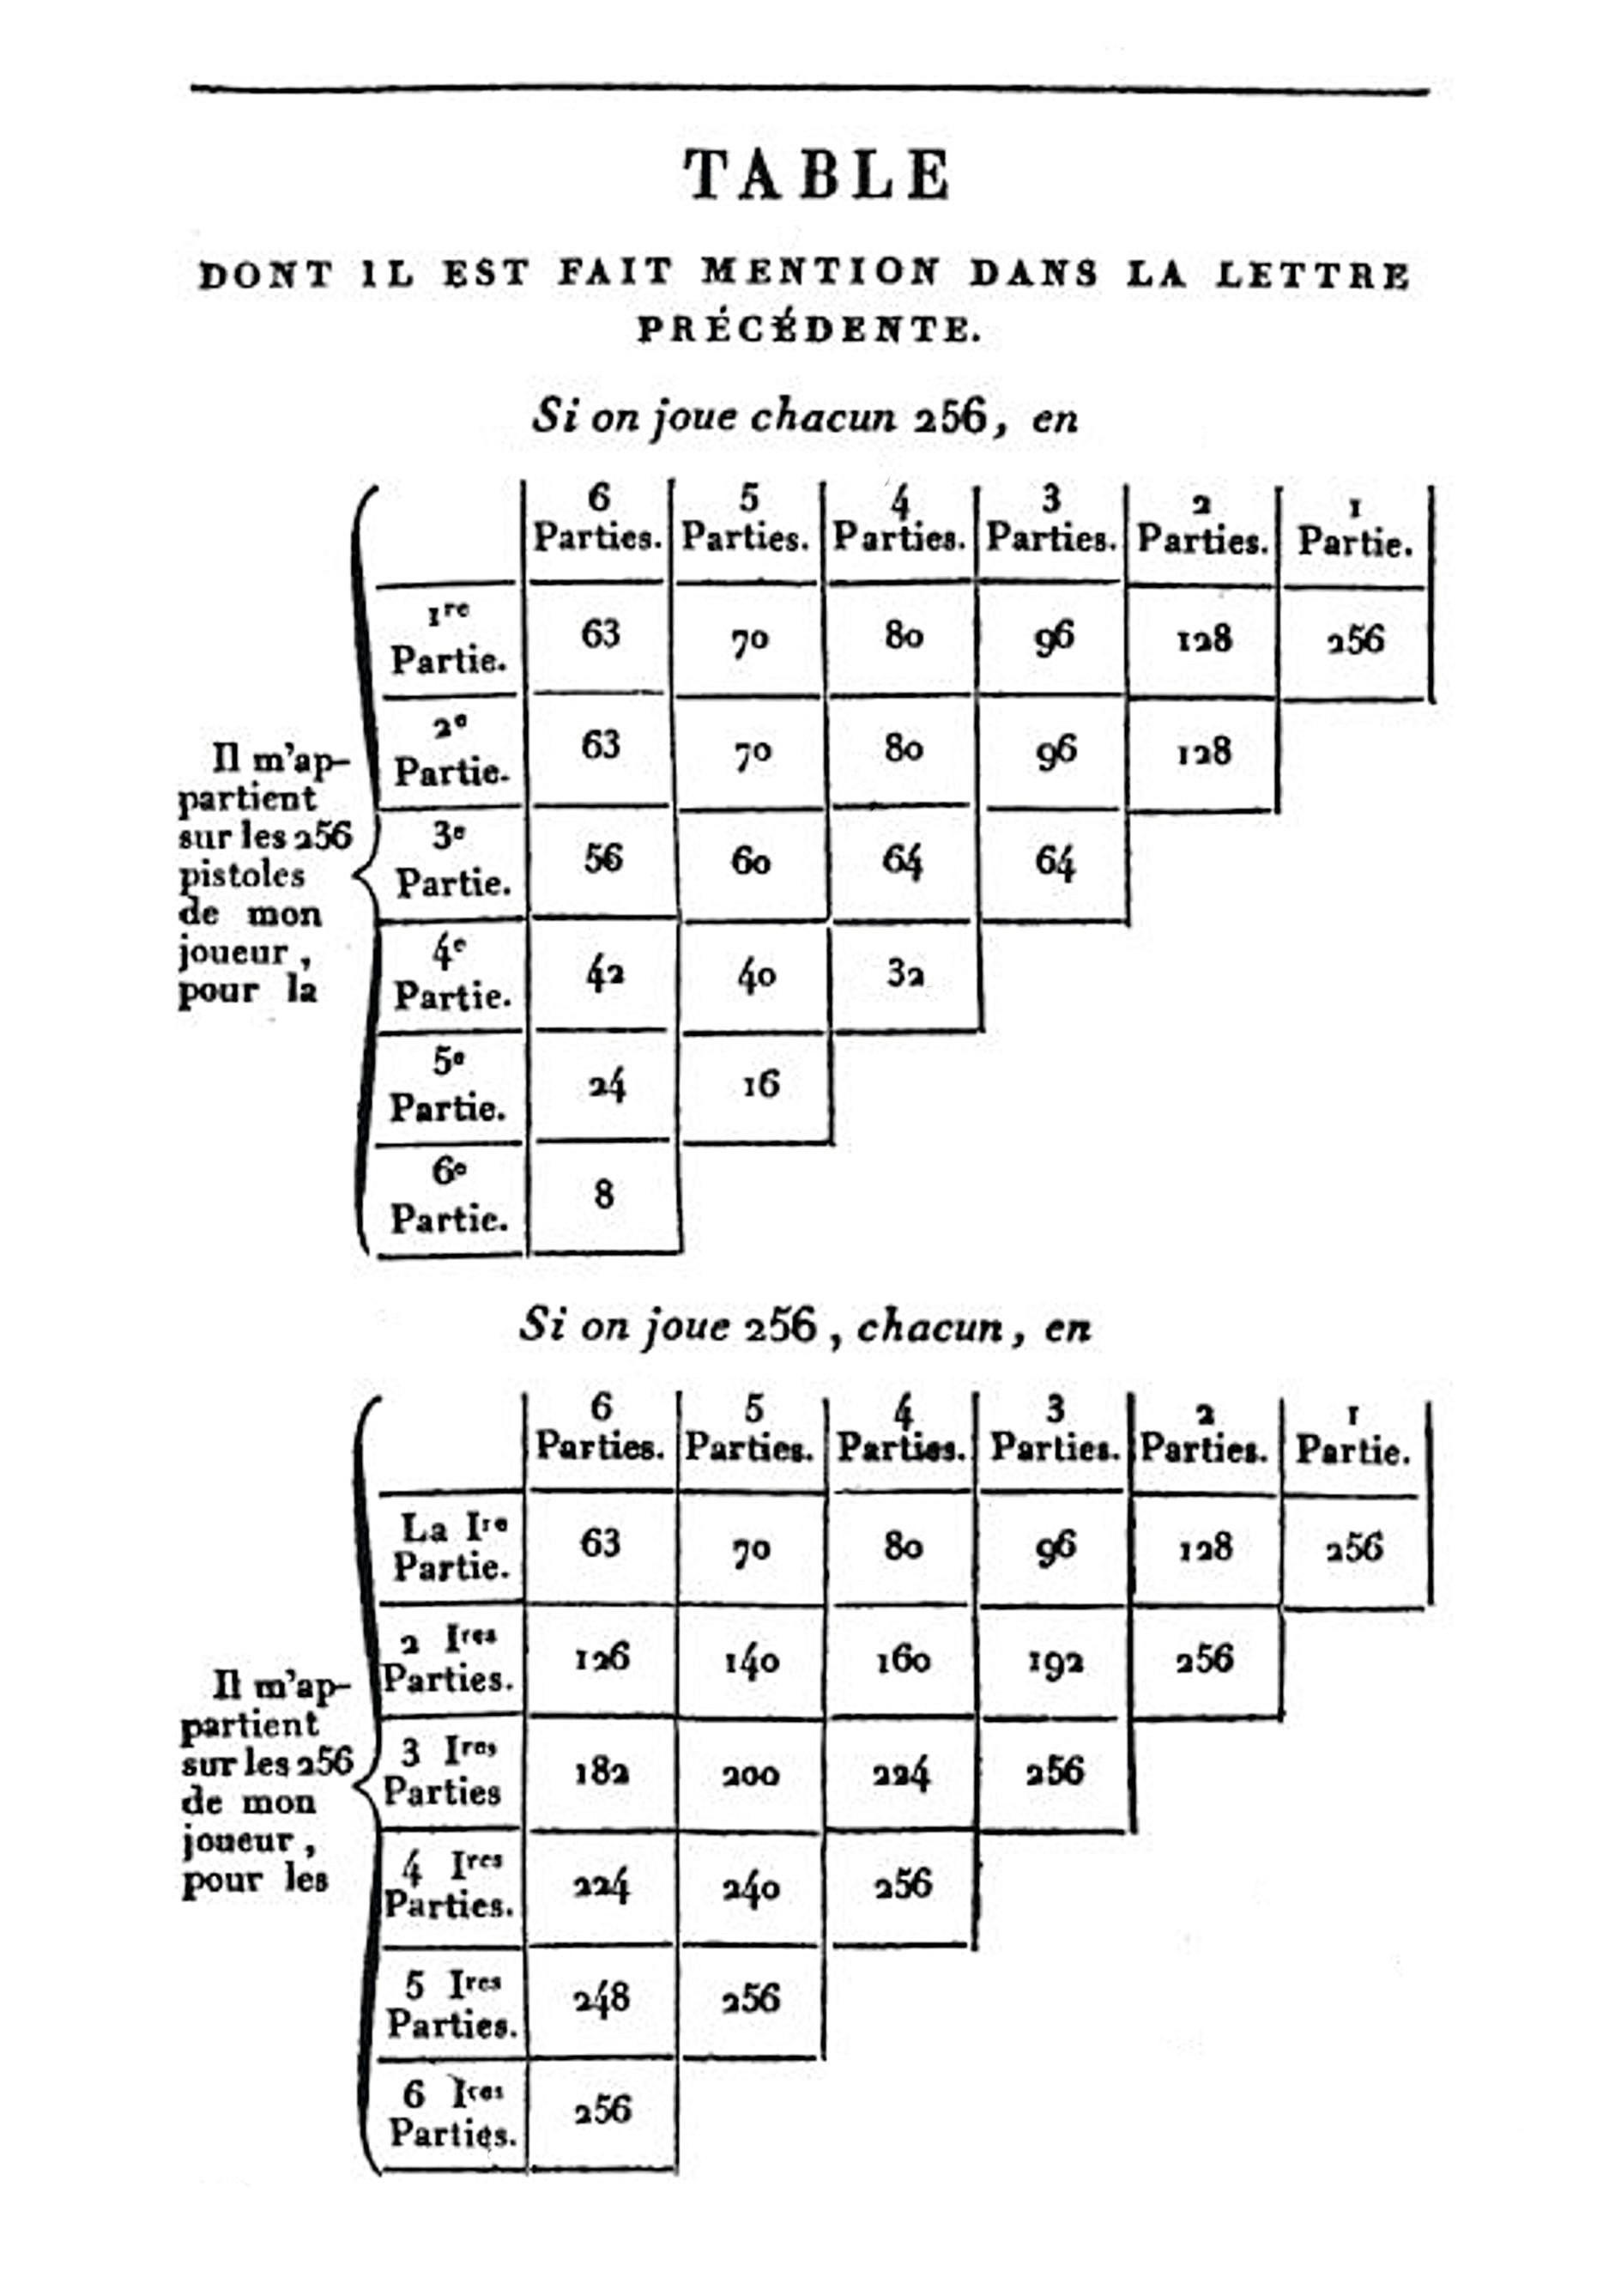 Extrait des échanges entre Pascal et Fermat, 1654